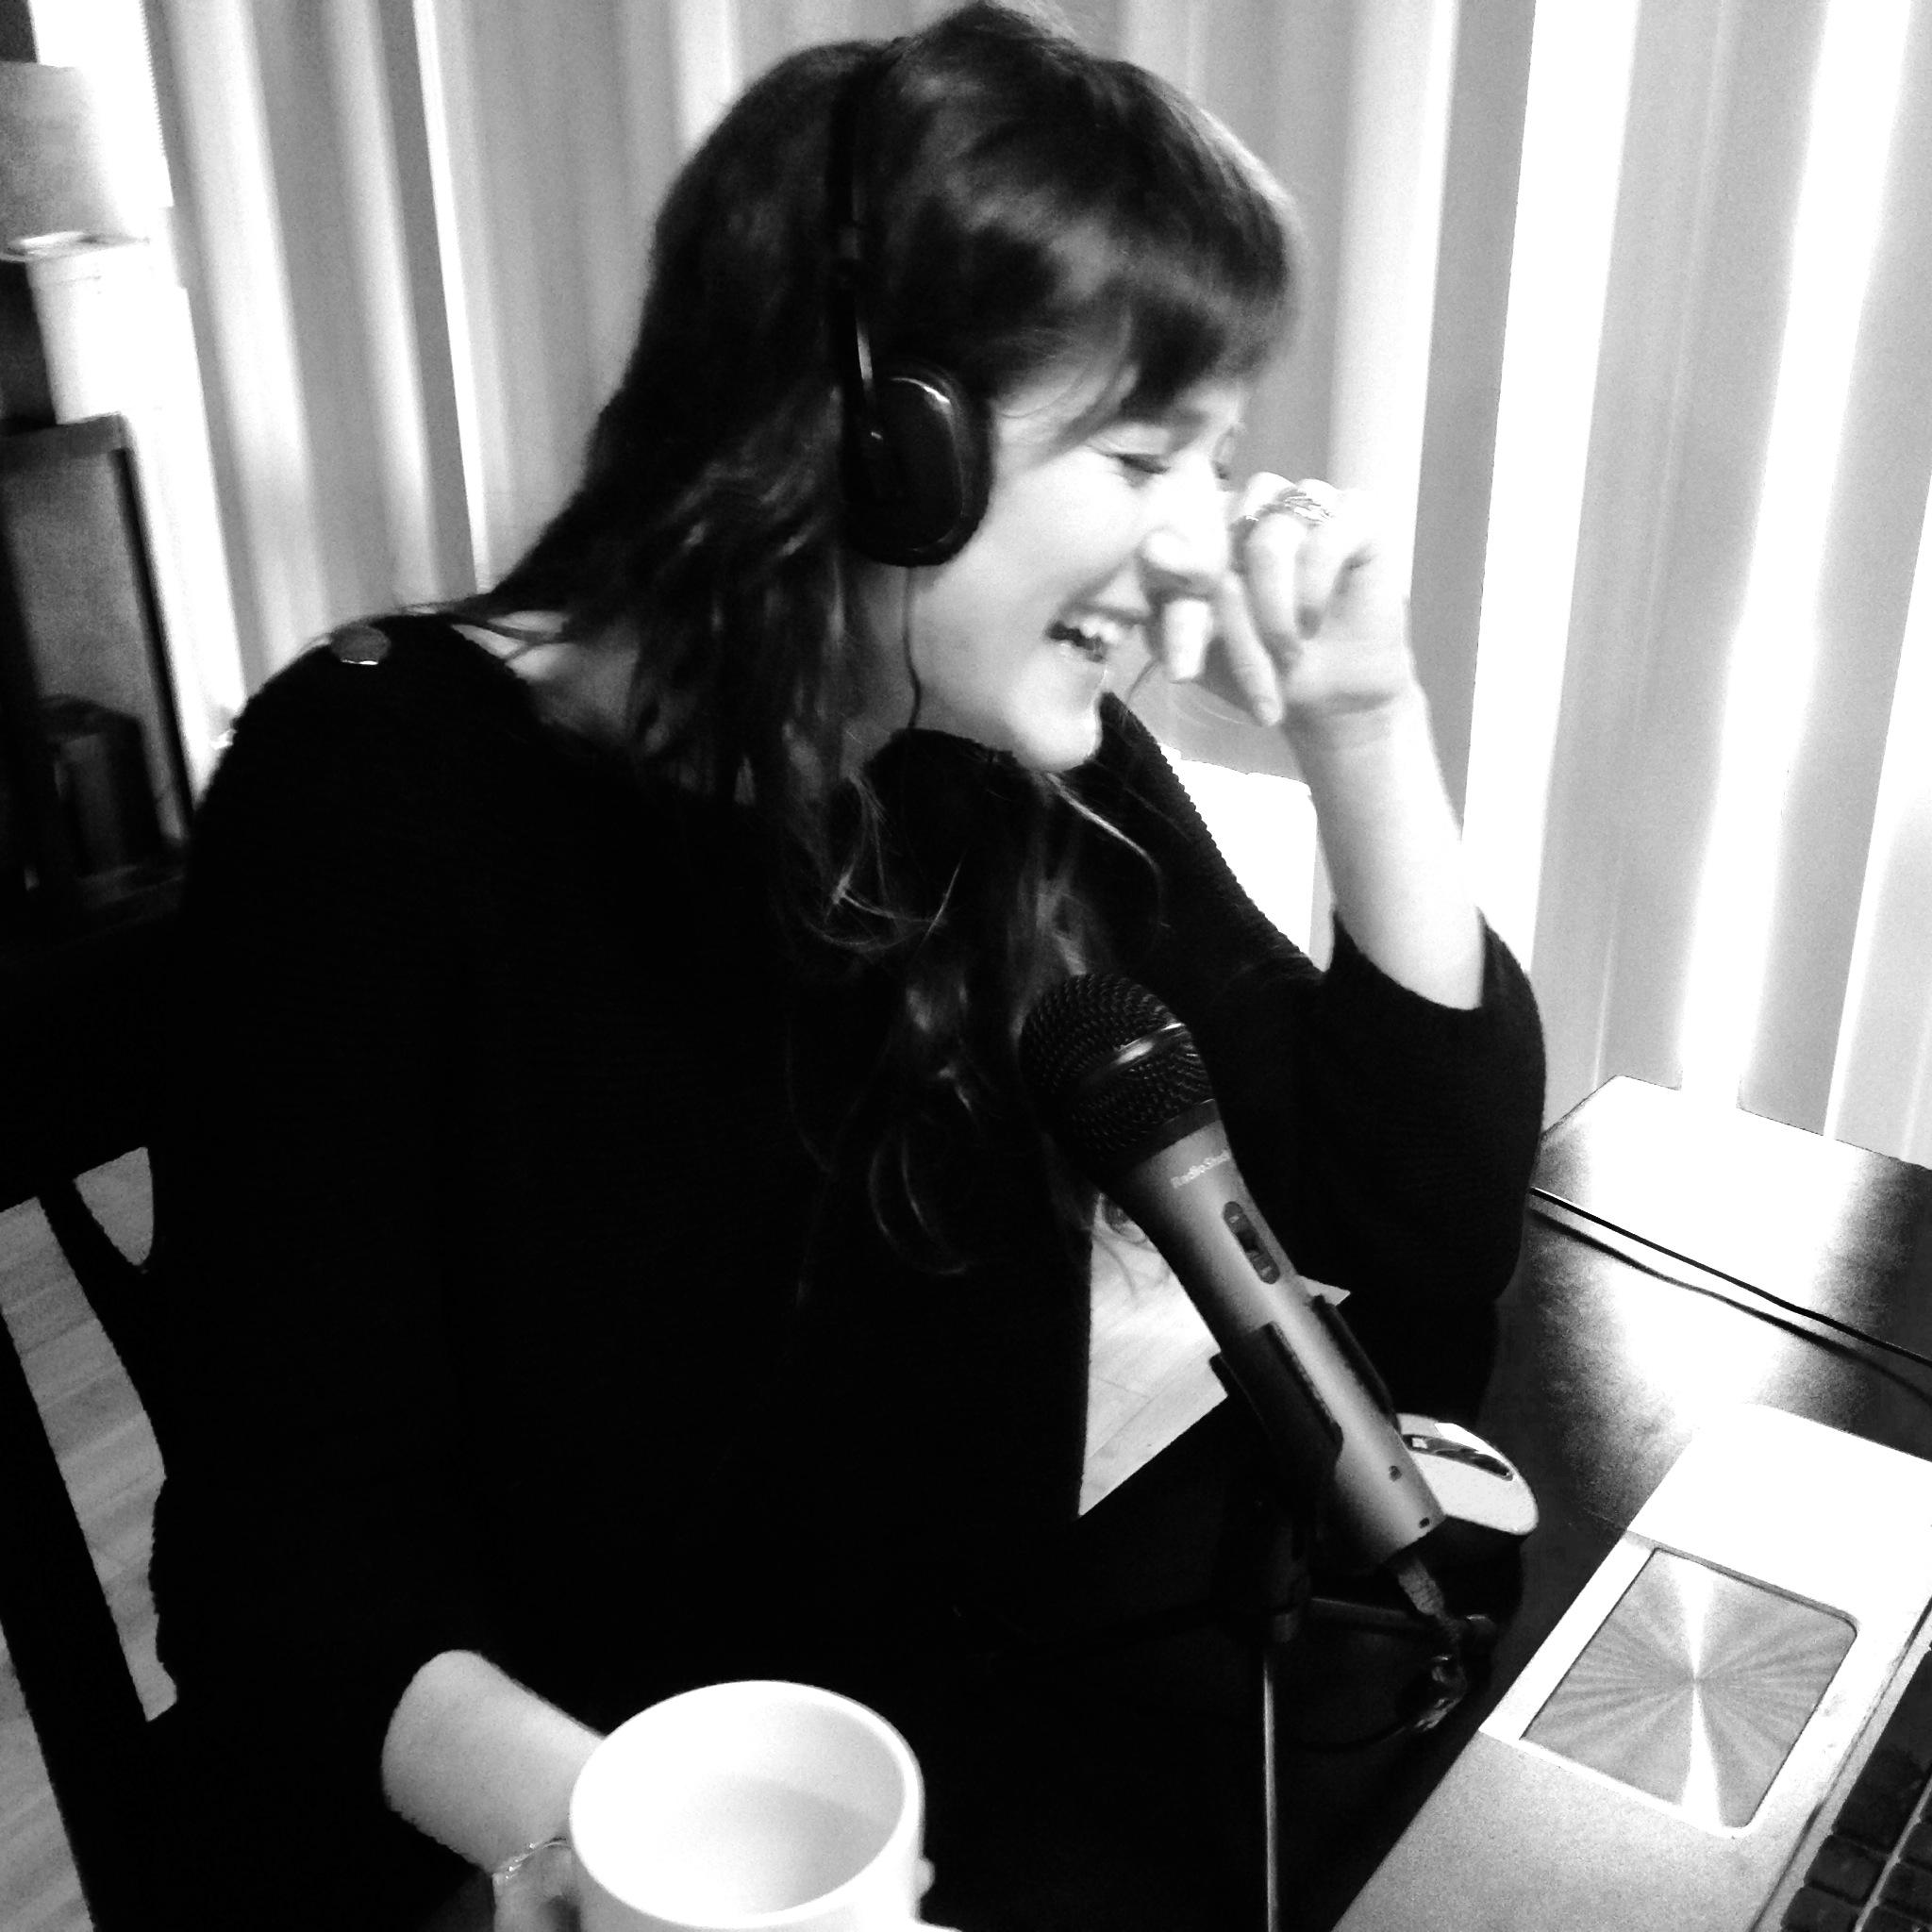 02-03-2014 - The Mariya Alexander